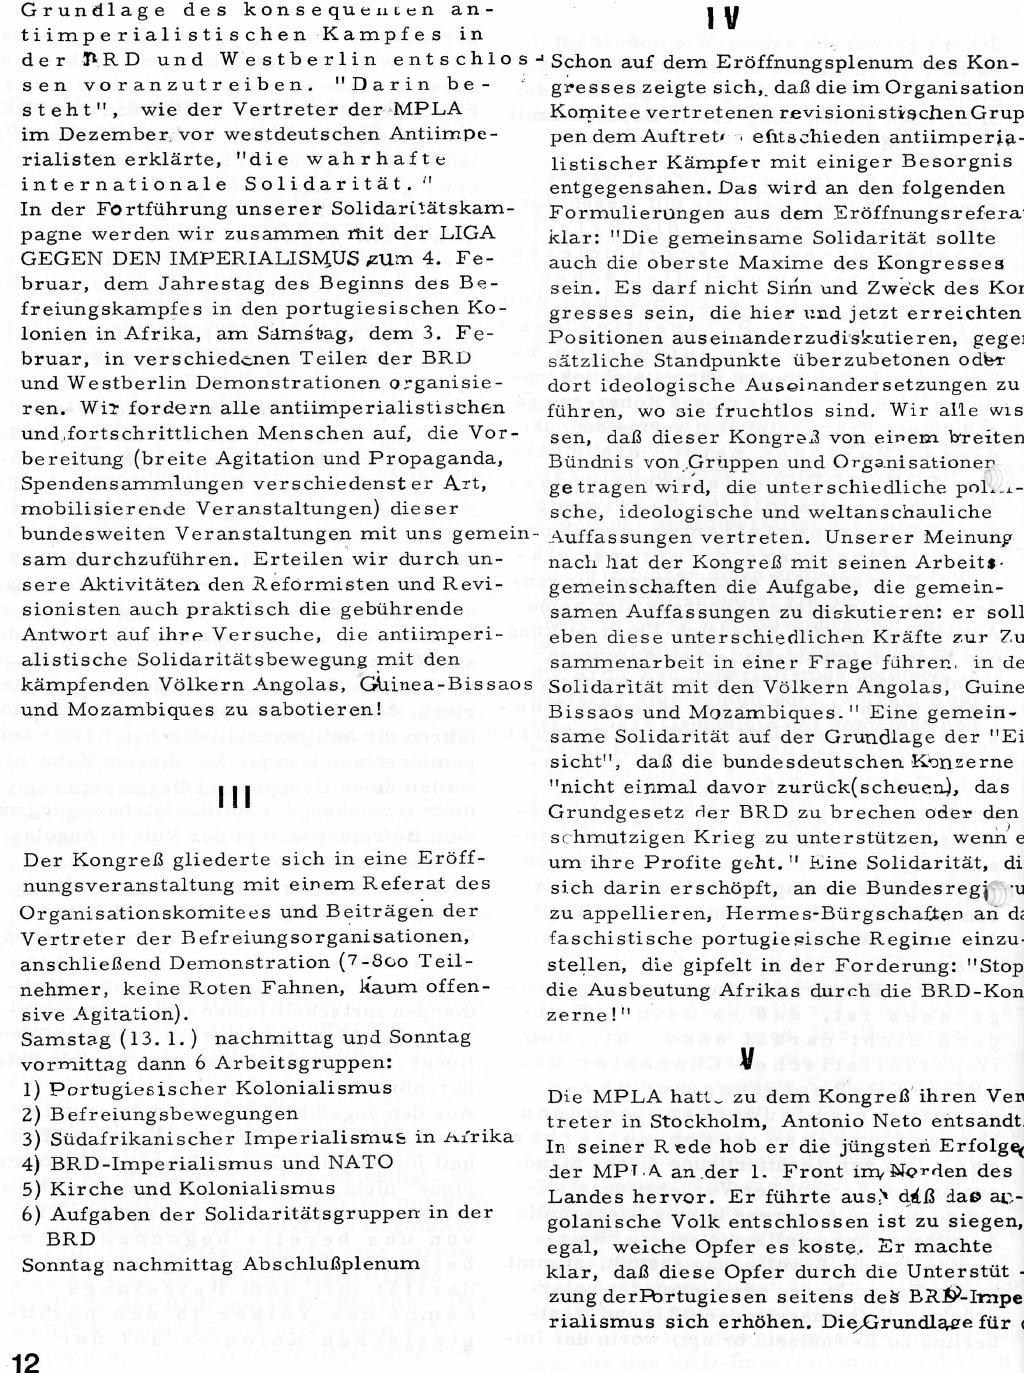 RPK_1973_003_004_12